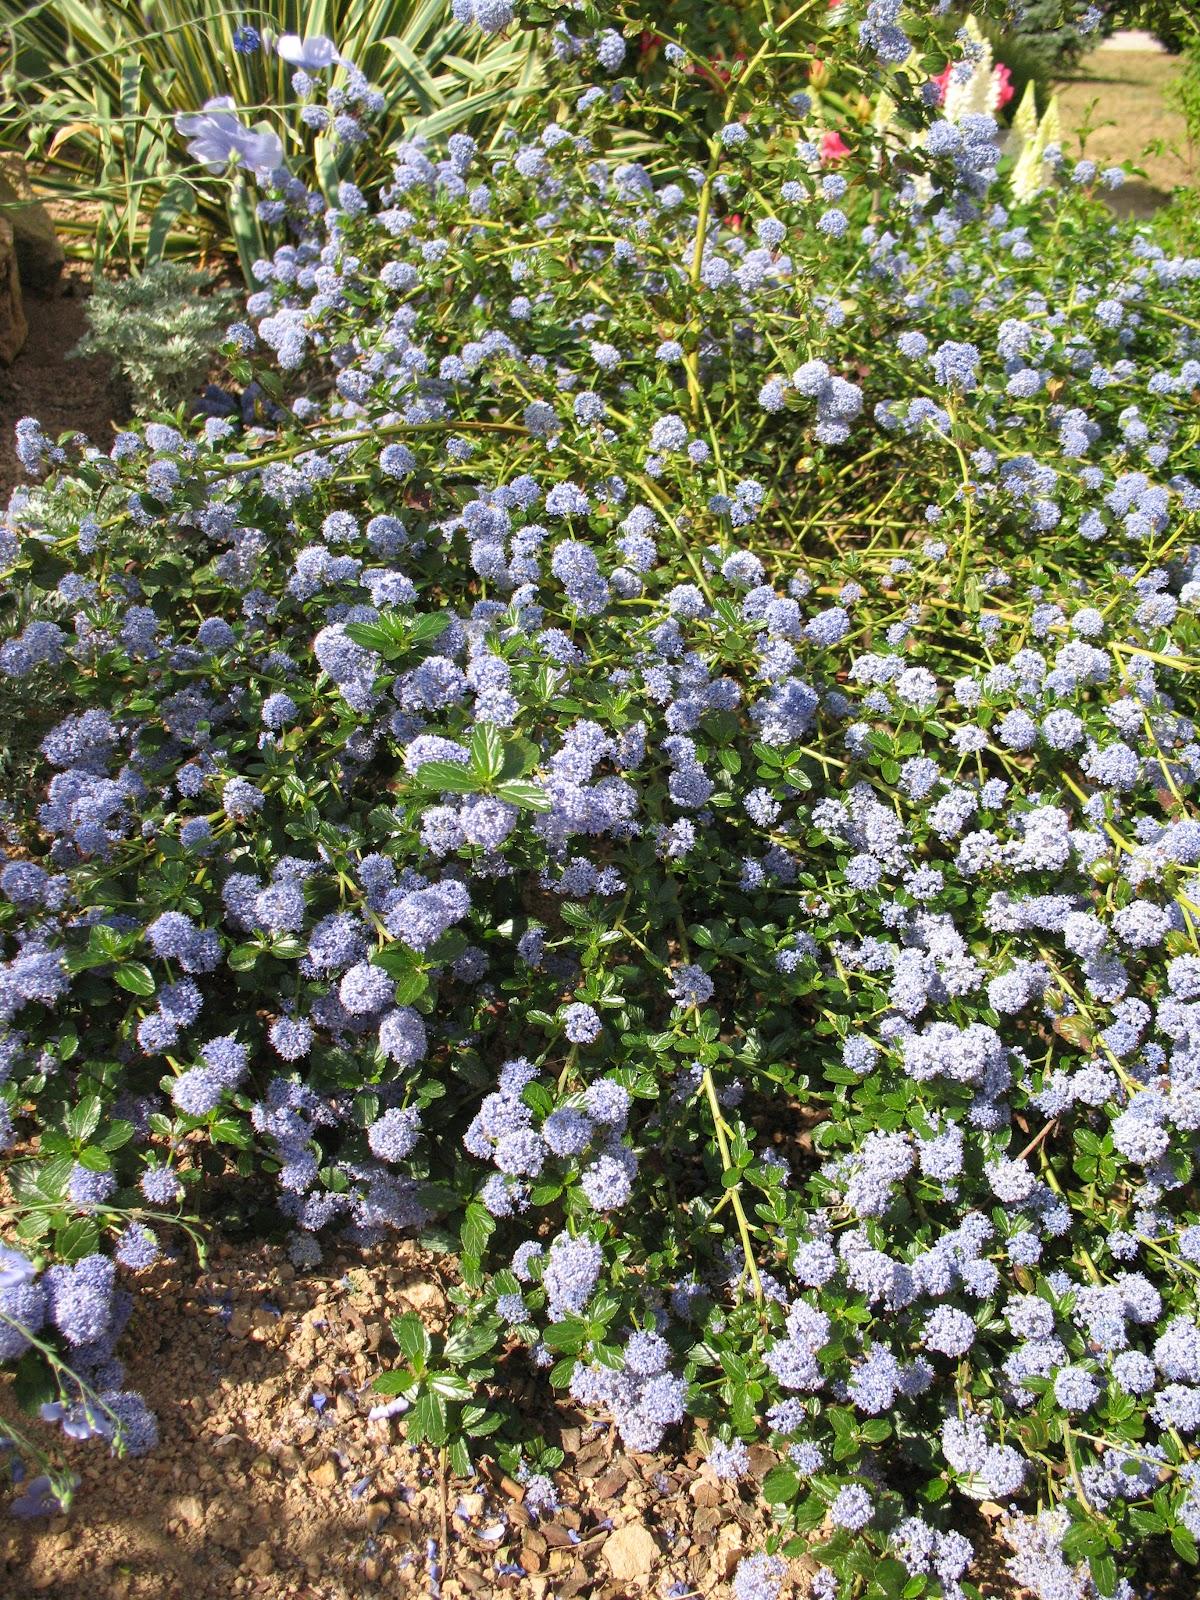 Arbuste croissance rapide des photoa des photoa de fond fond d 39 cran for Comarbuste couvre sol croissance rapide